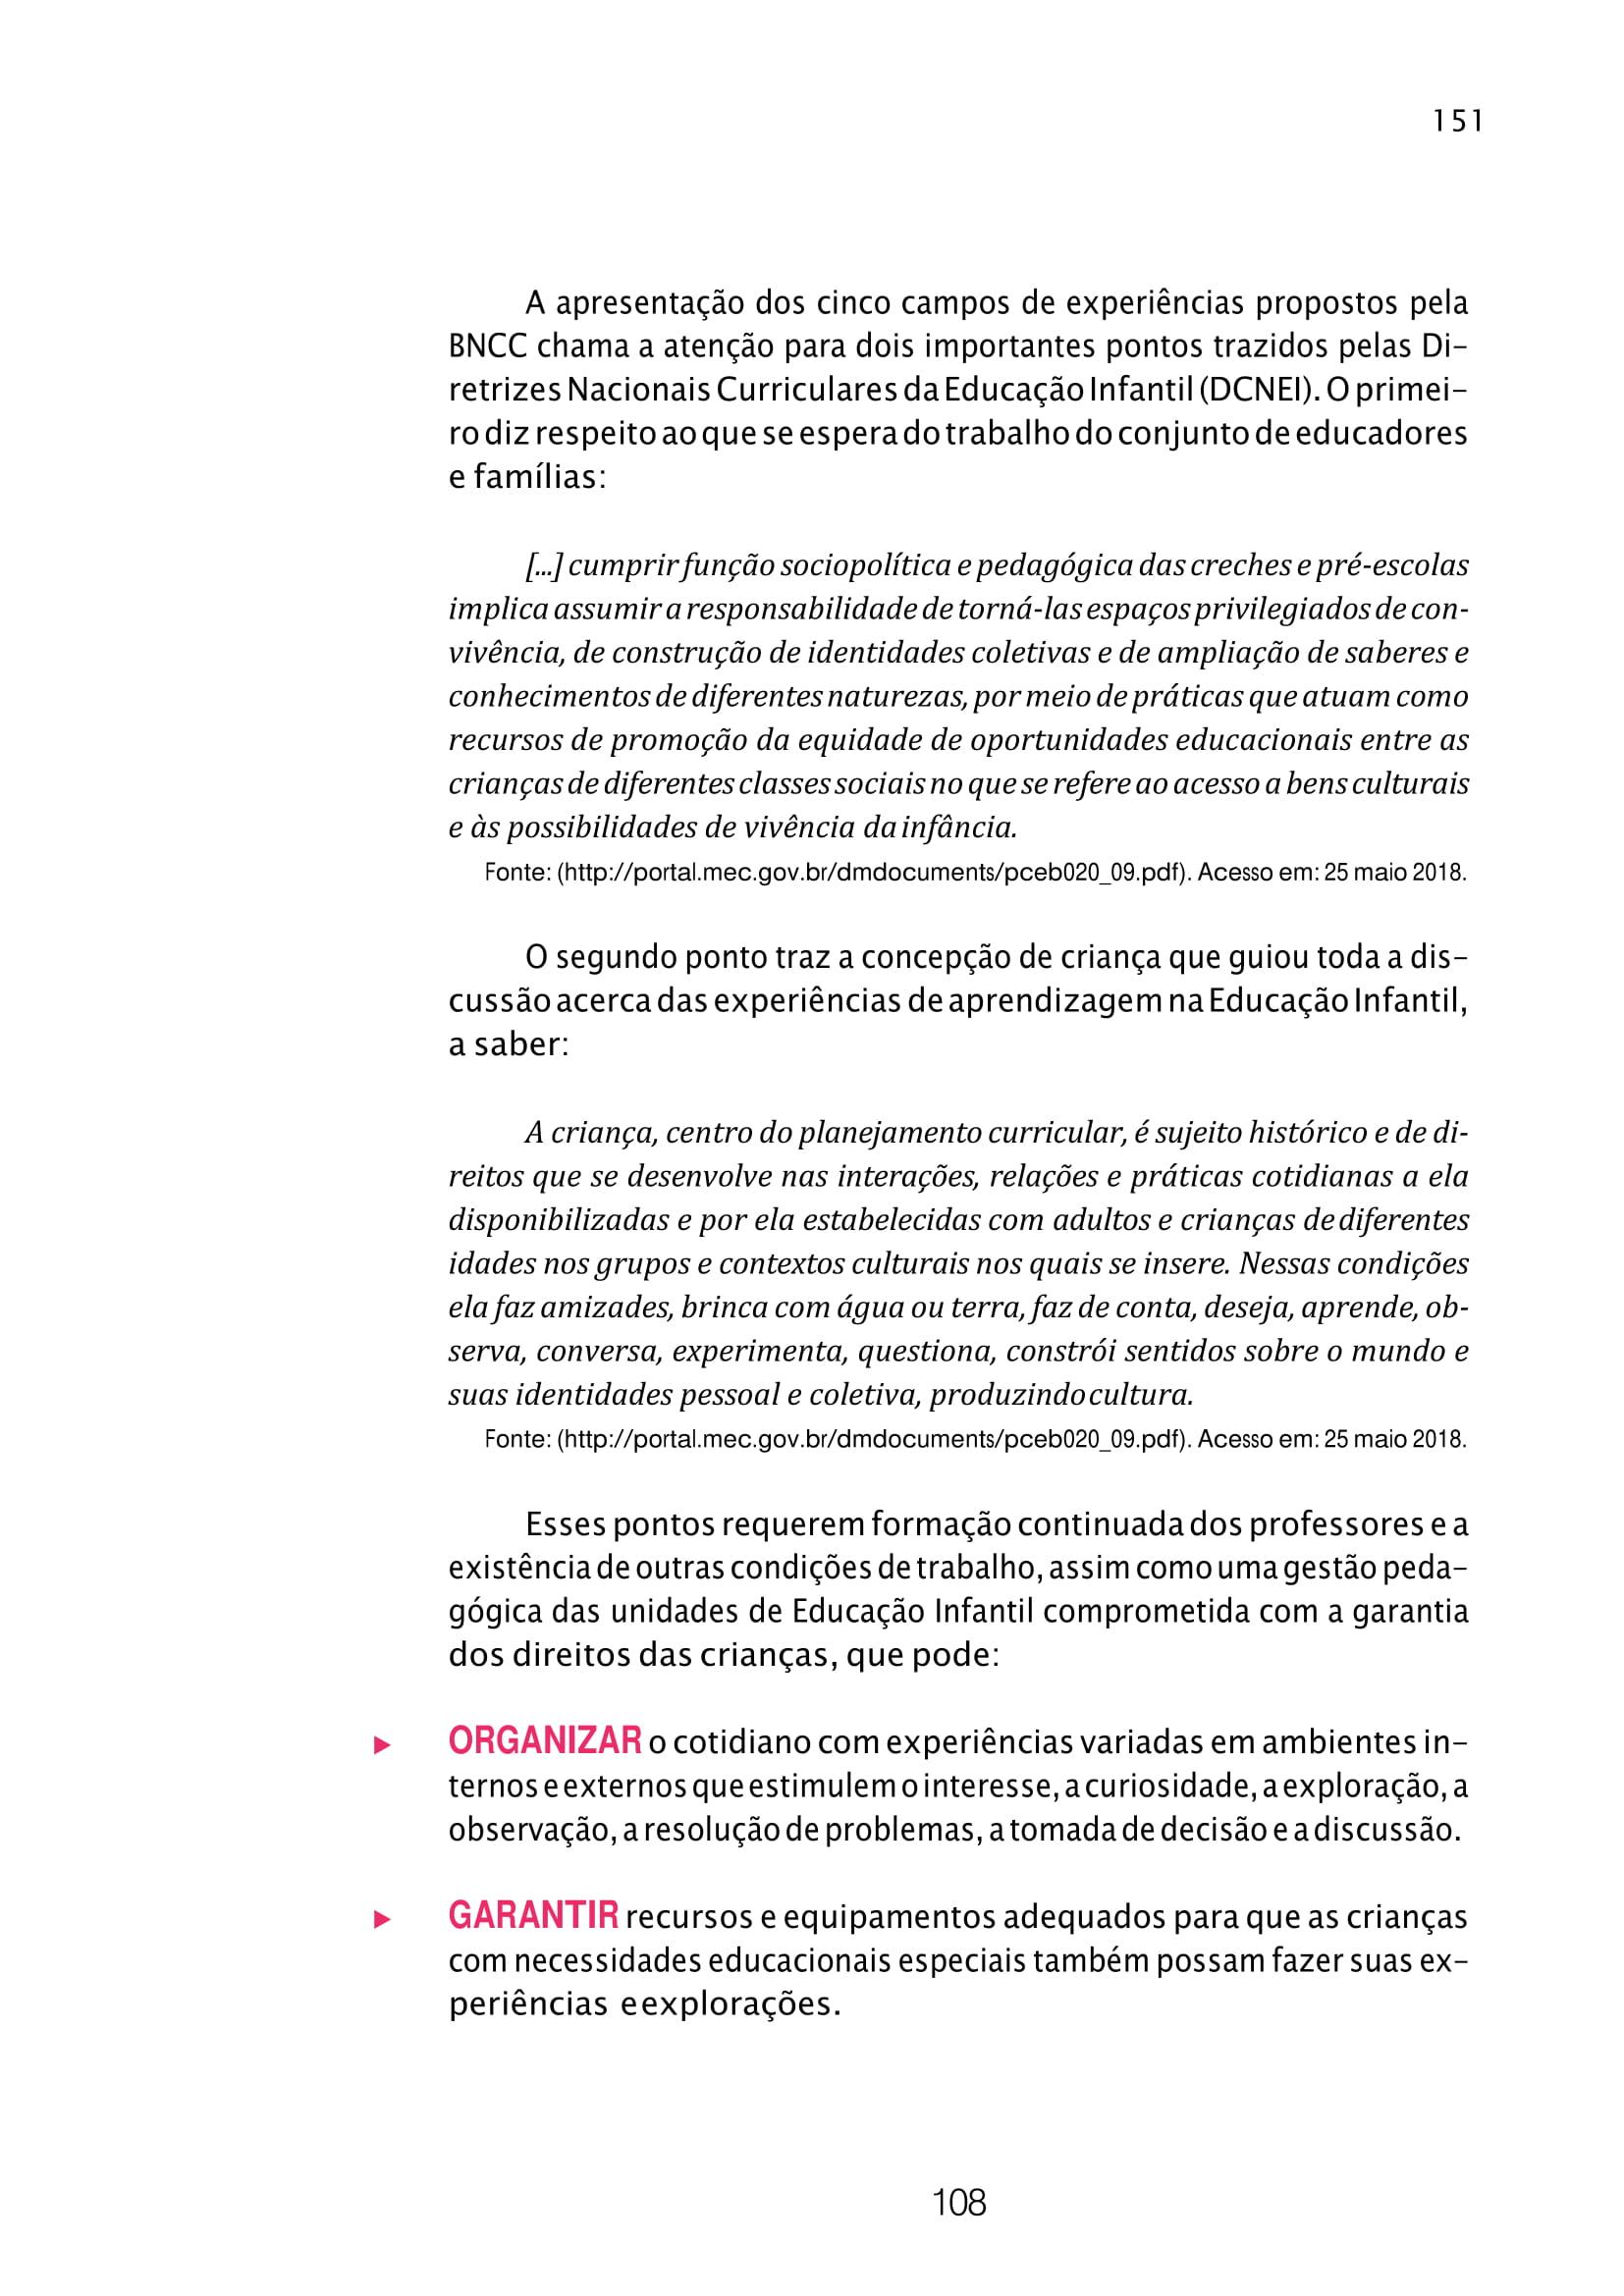 planejamento-educação-infantil-bncc-geral-181